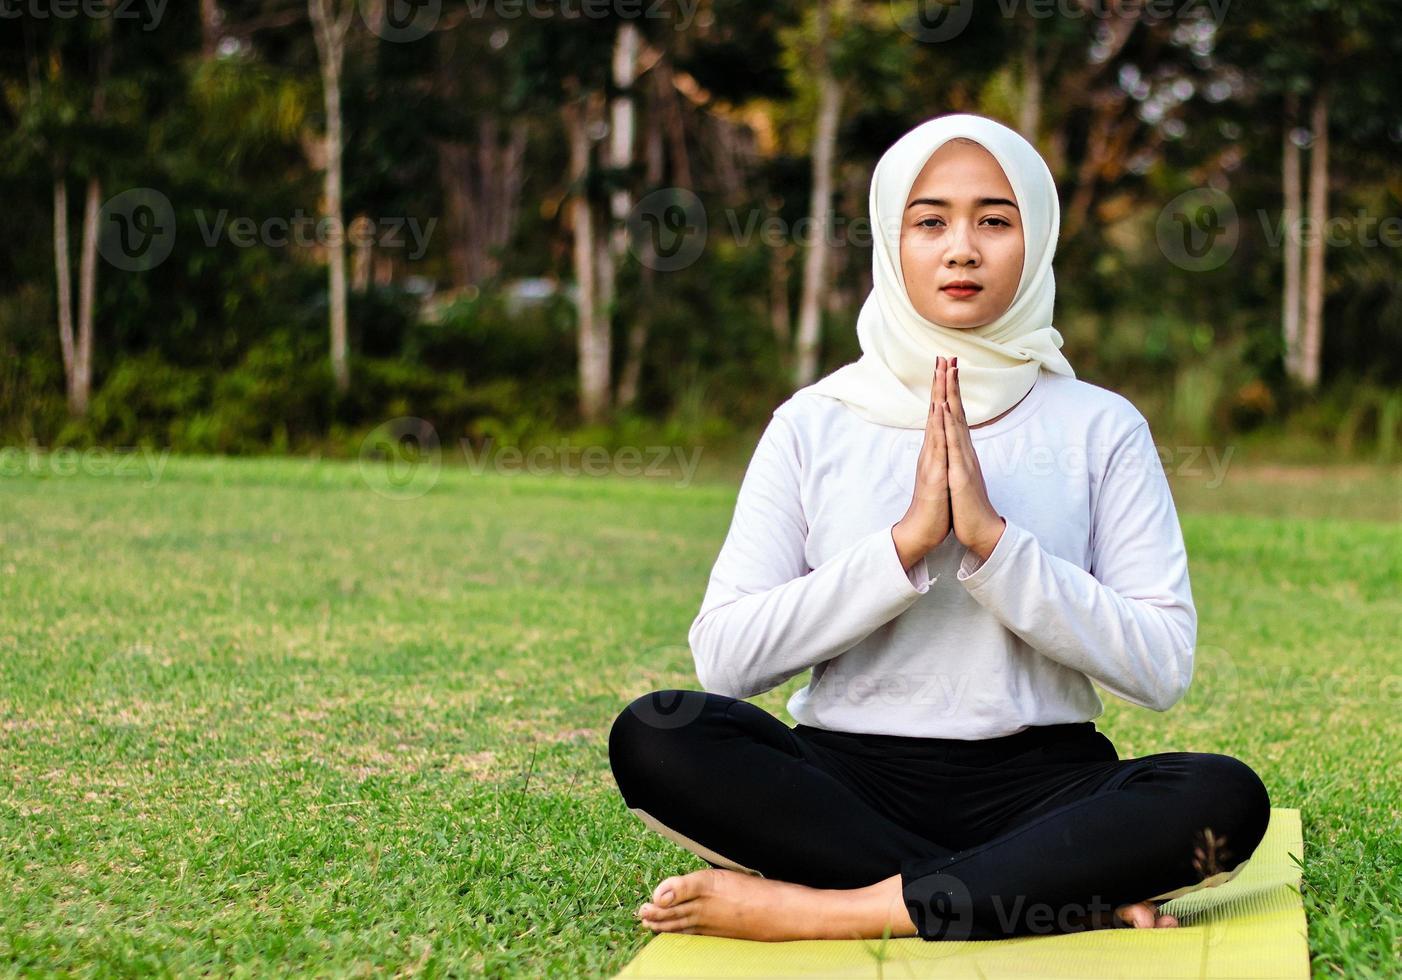 giovane donna musulmana asiatica seduta sull'erba, godendosi la meditazione foto